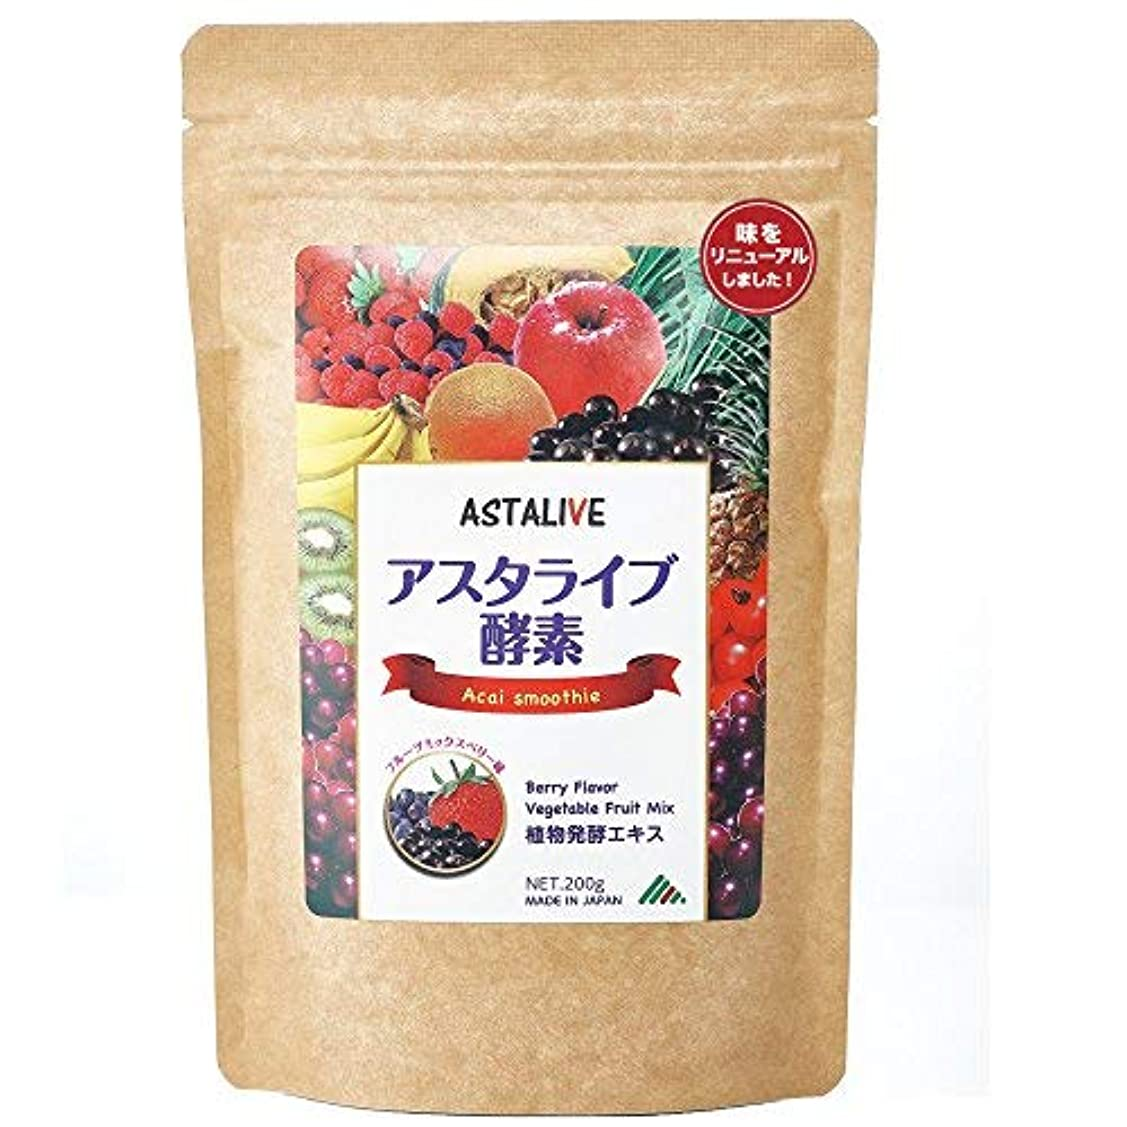 海里アルファベット合併症ASTALIVE(アスタライブ) 酵素 スムージー チアシード 乳酸菌 麹菌 入り フルーツミックスベリー味 200g (1)